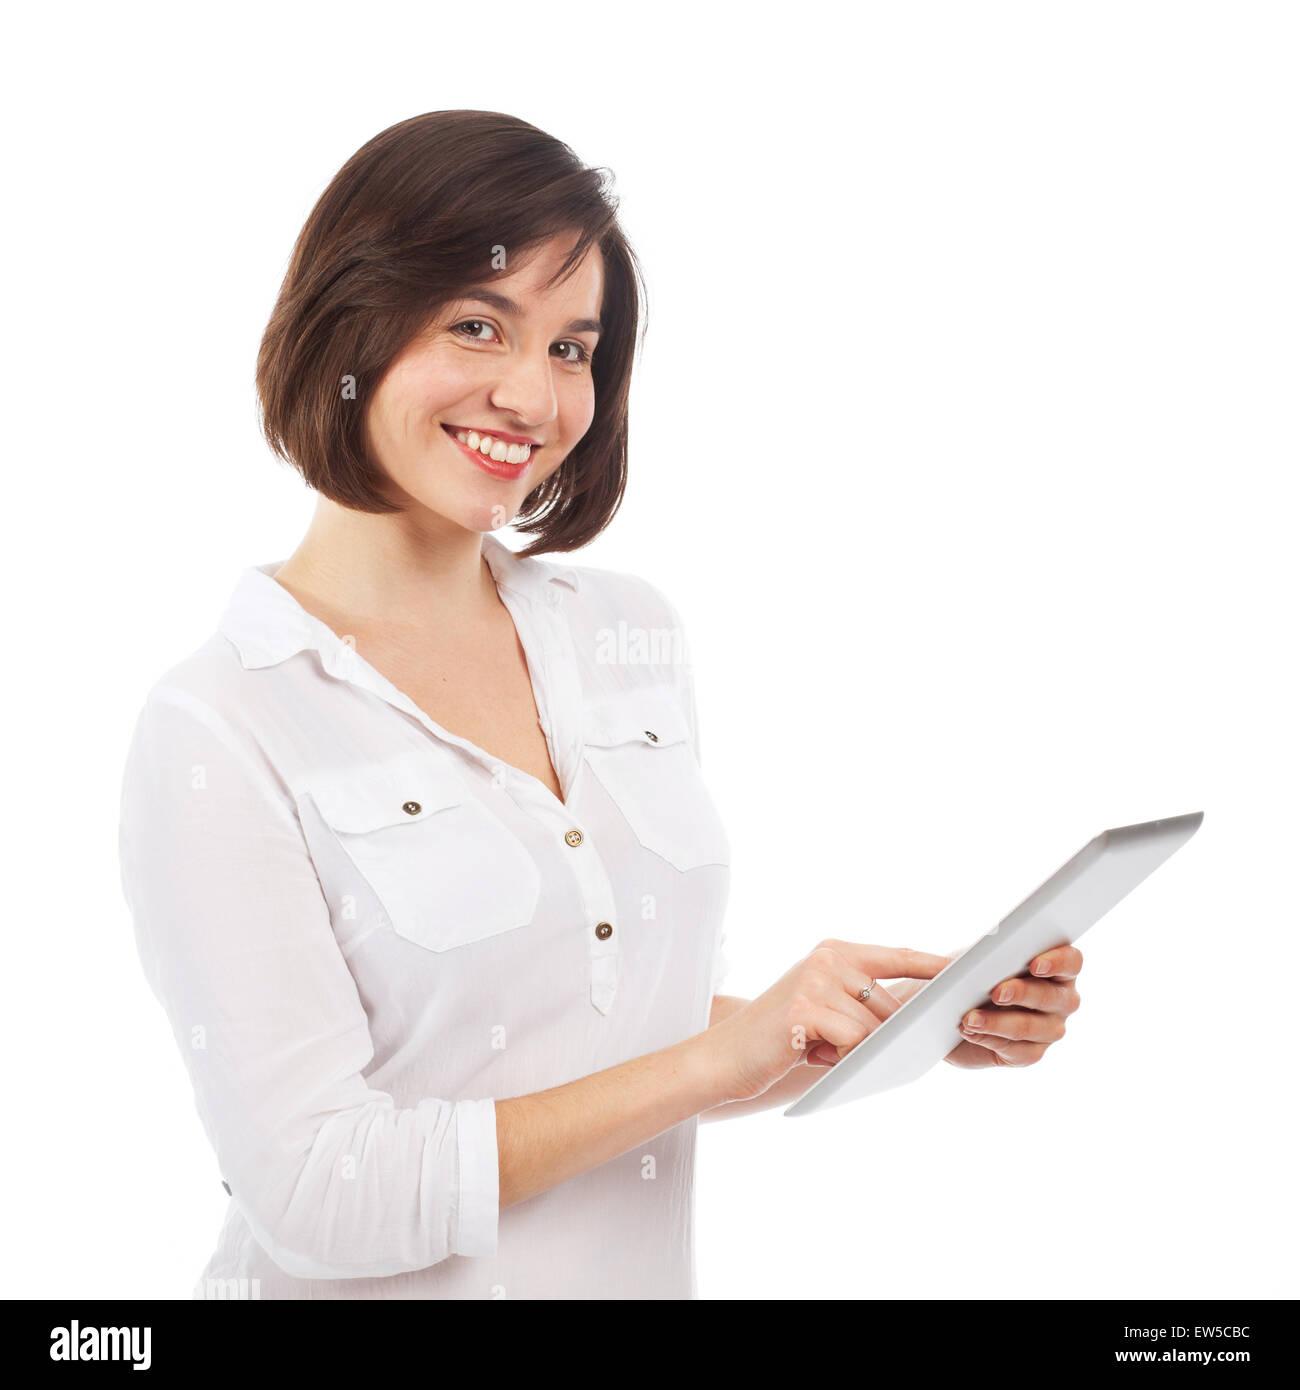 Mujer sonriente joven con un touchpad, aislado en blanco Imagen De Stock